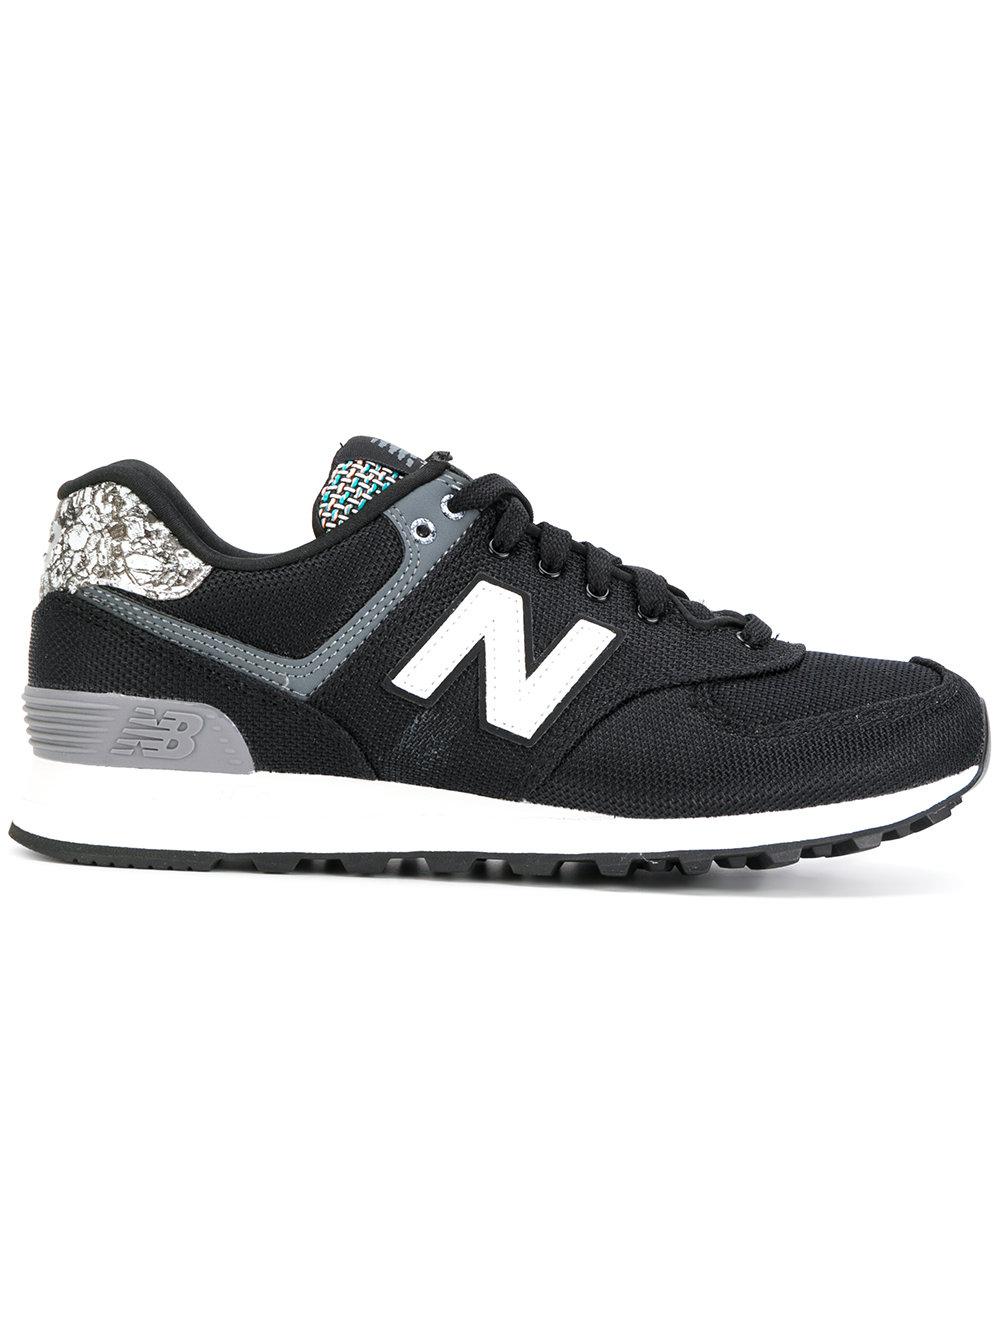 New Balance 574 Art School Sneakers Farfetch